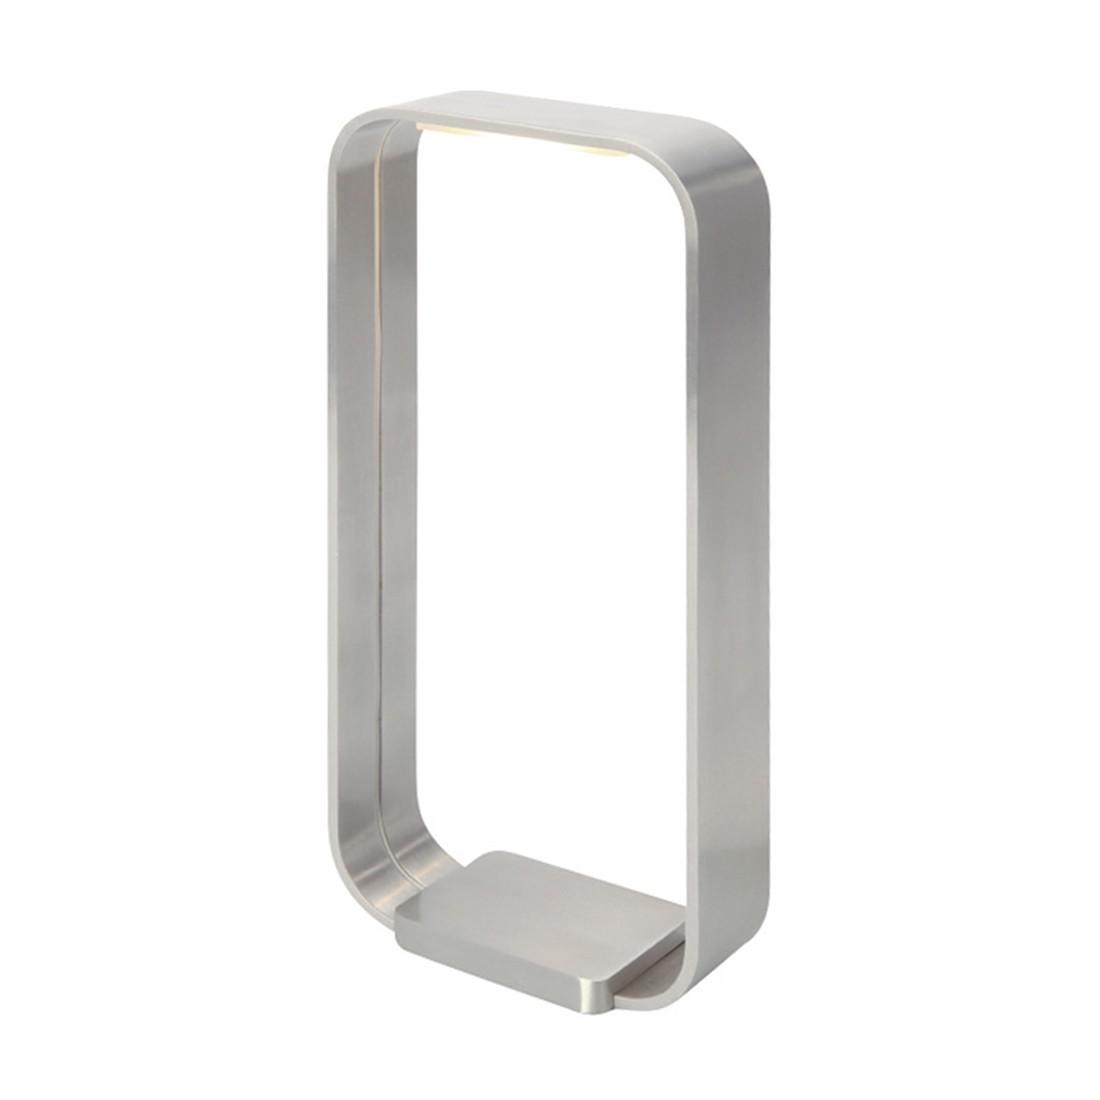 LED-Tischleuchte Cascade 1-flammig ● Nickel matt- Steinhauer A+